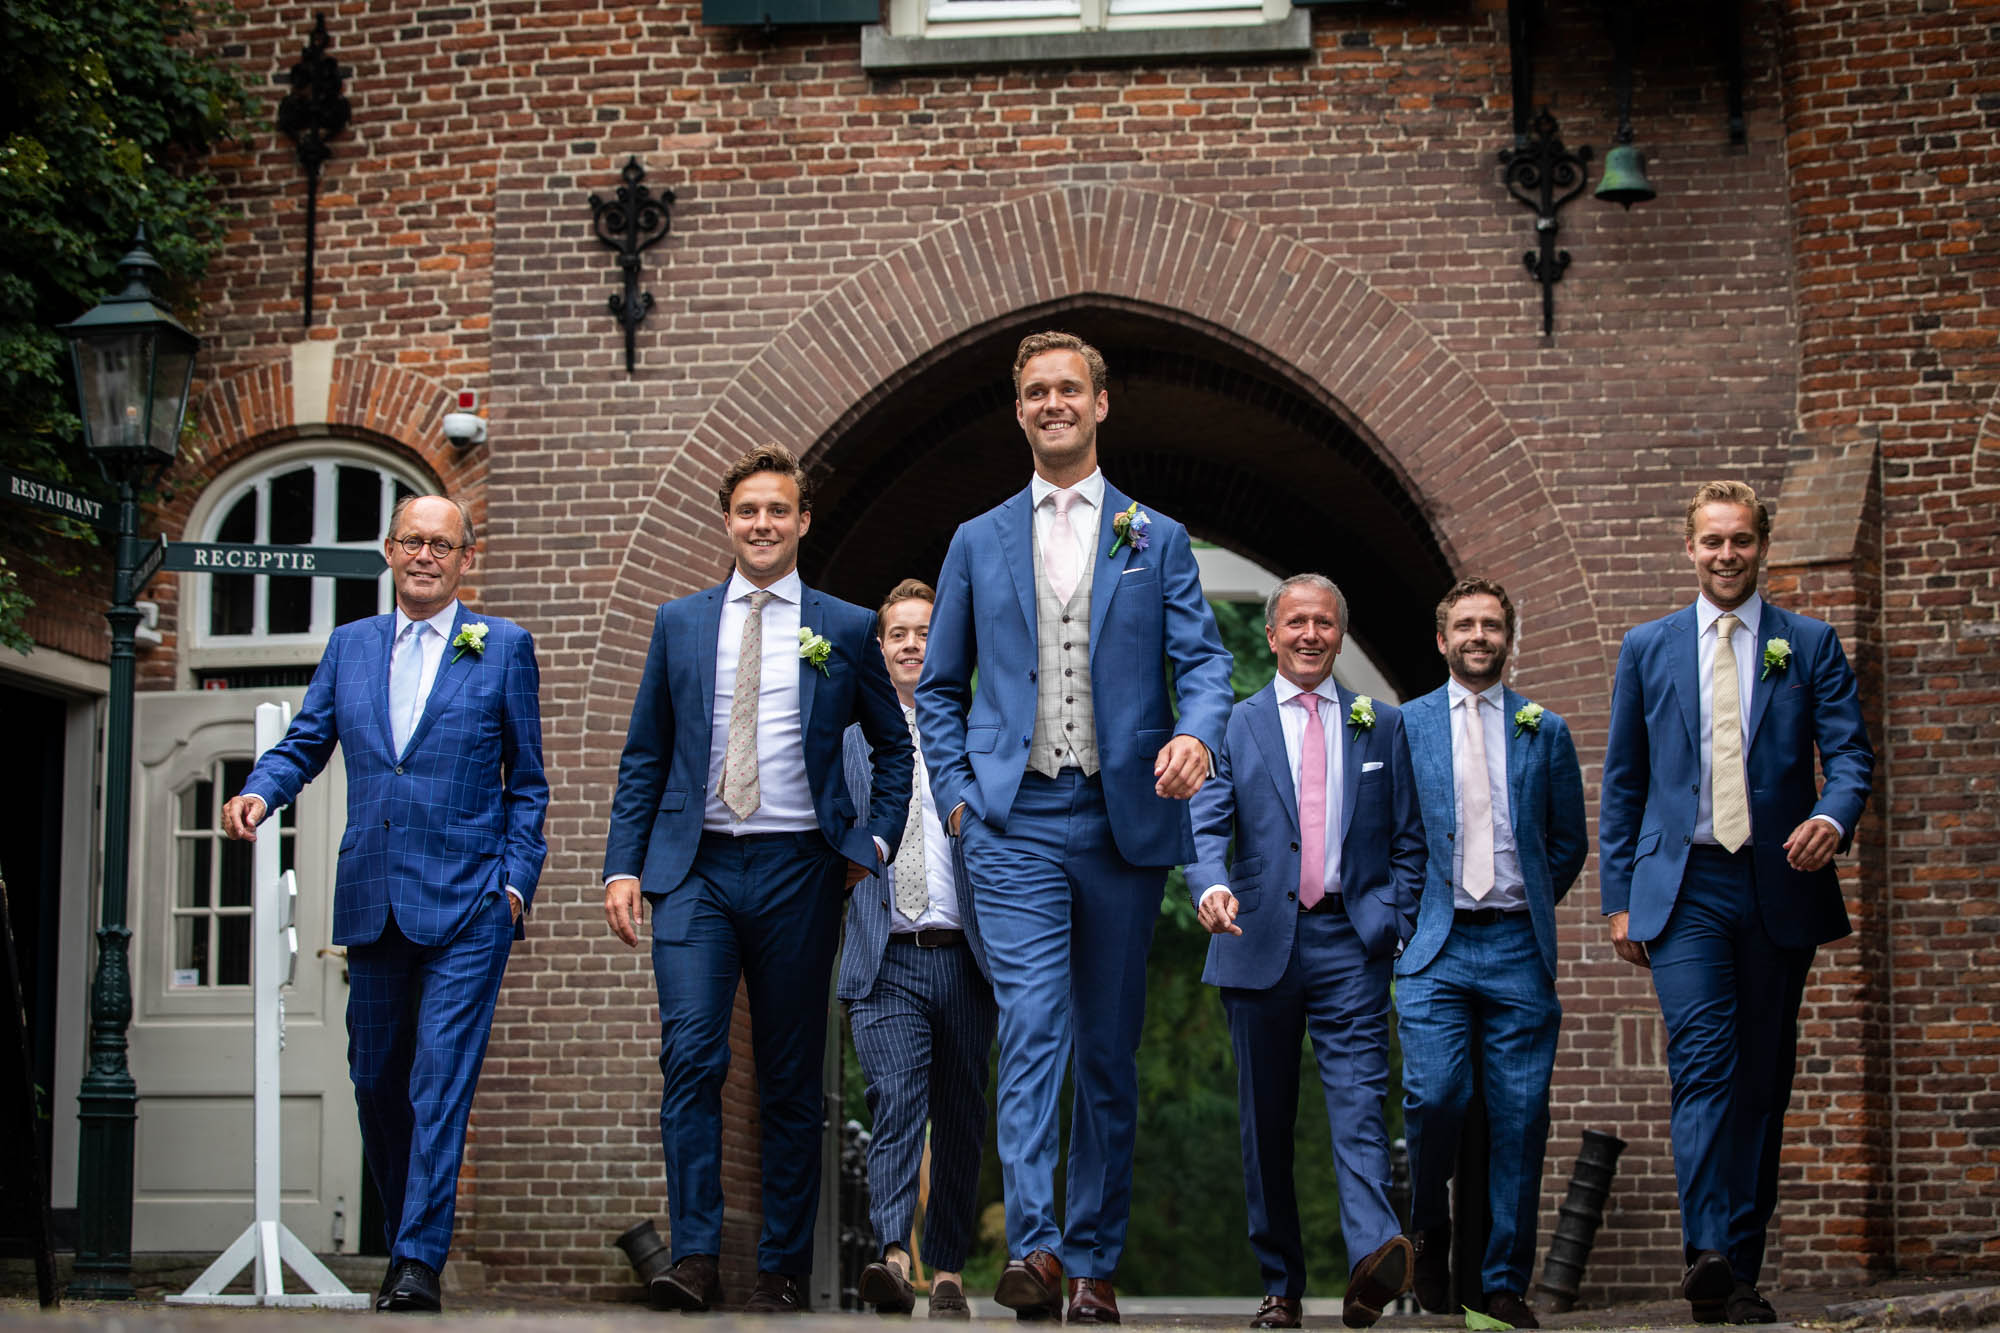 Stijlvolle trouwfoto met mannen in pak.